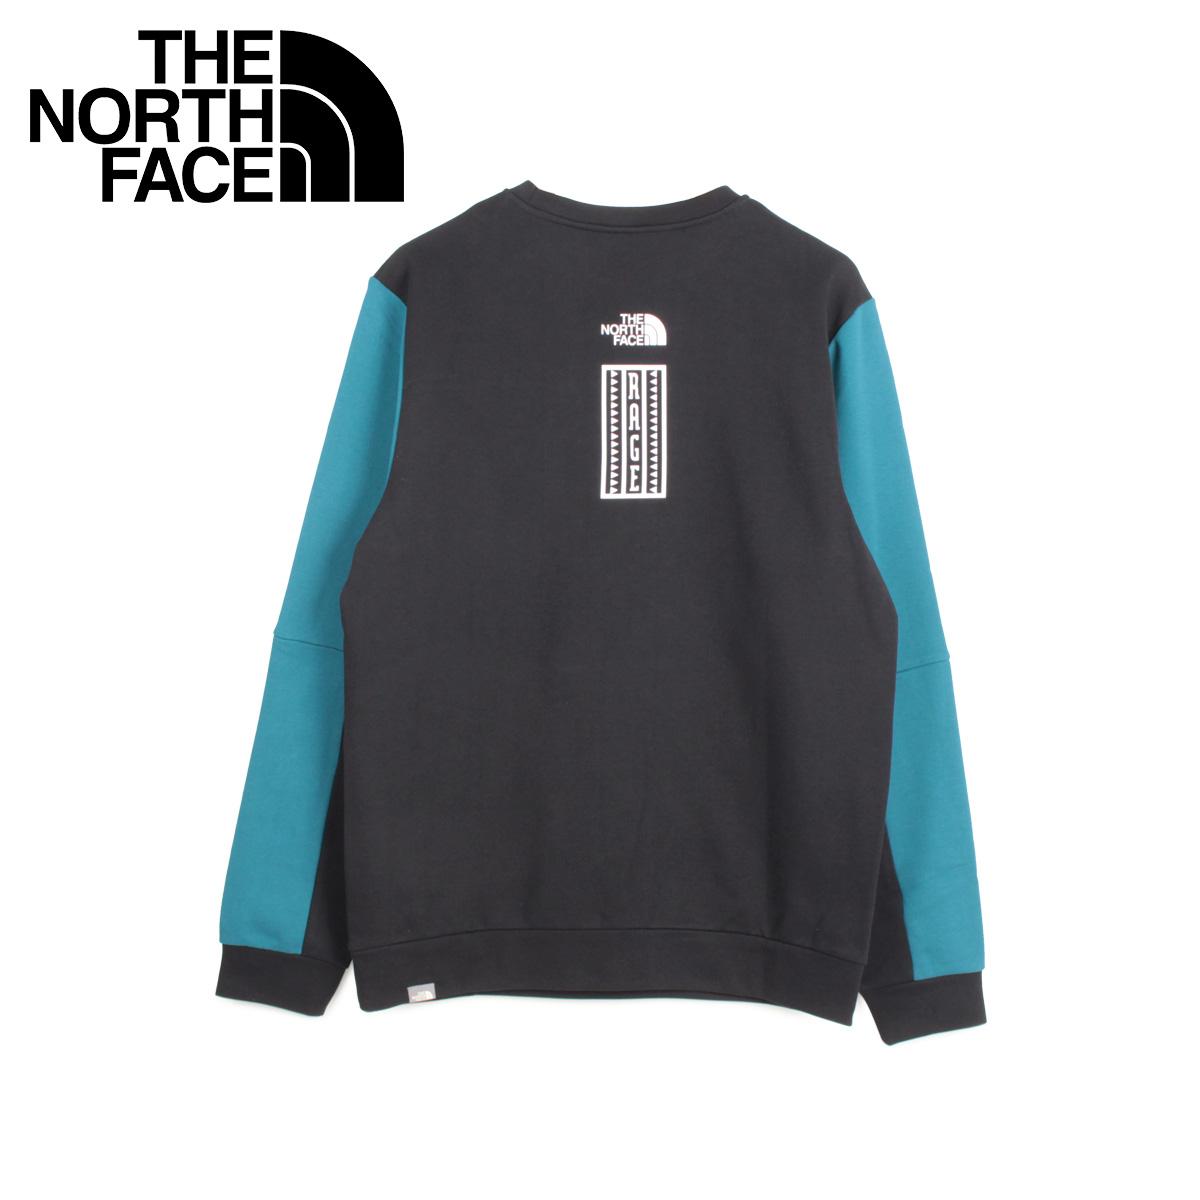 THE NORTH FACE ノースフェイス トレーナー スウェット メンズ U RAGE GRAPHIC CREW ブルー T93XXE